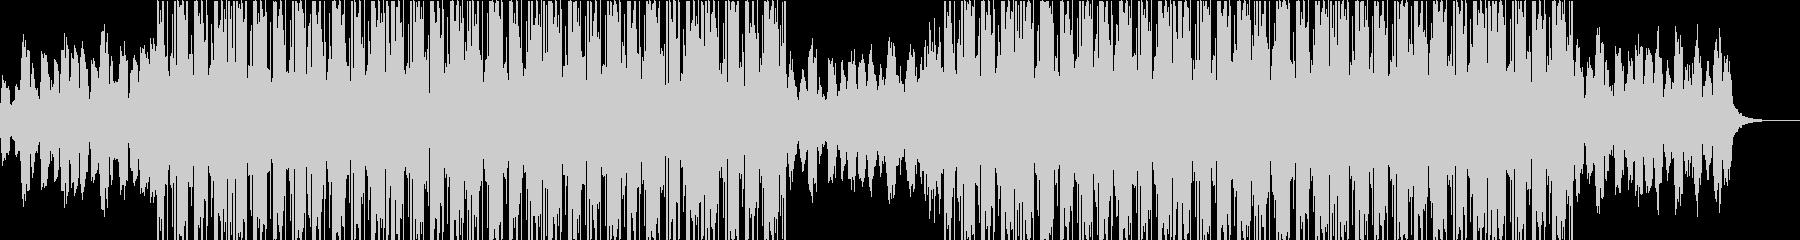 雨 悲しい ヒップホップ ビートの未再生の波形